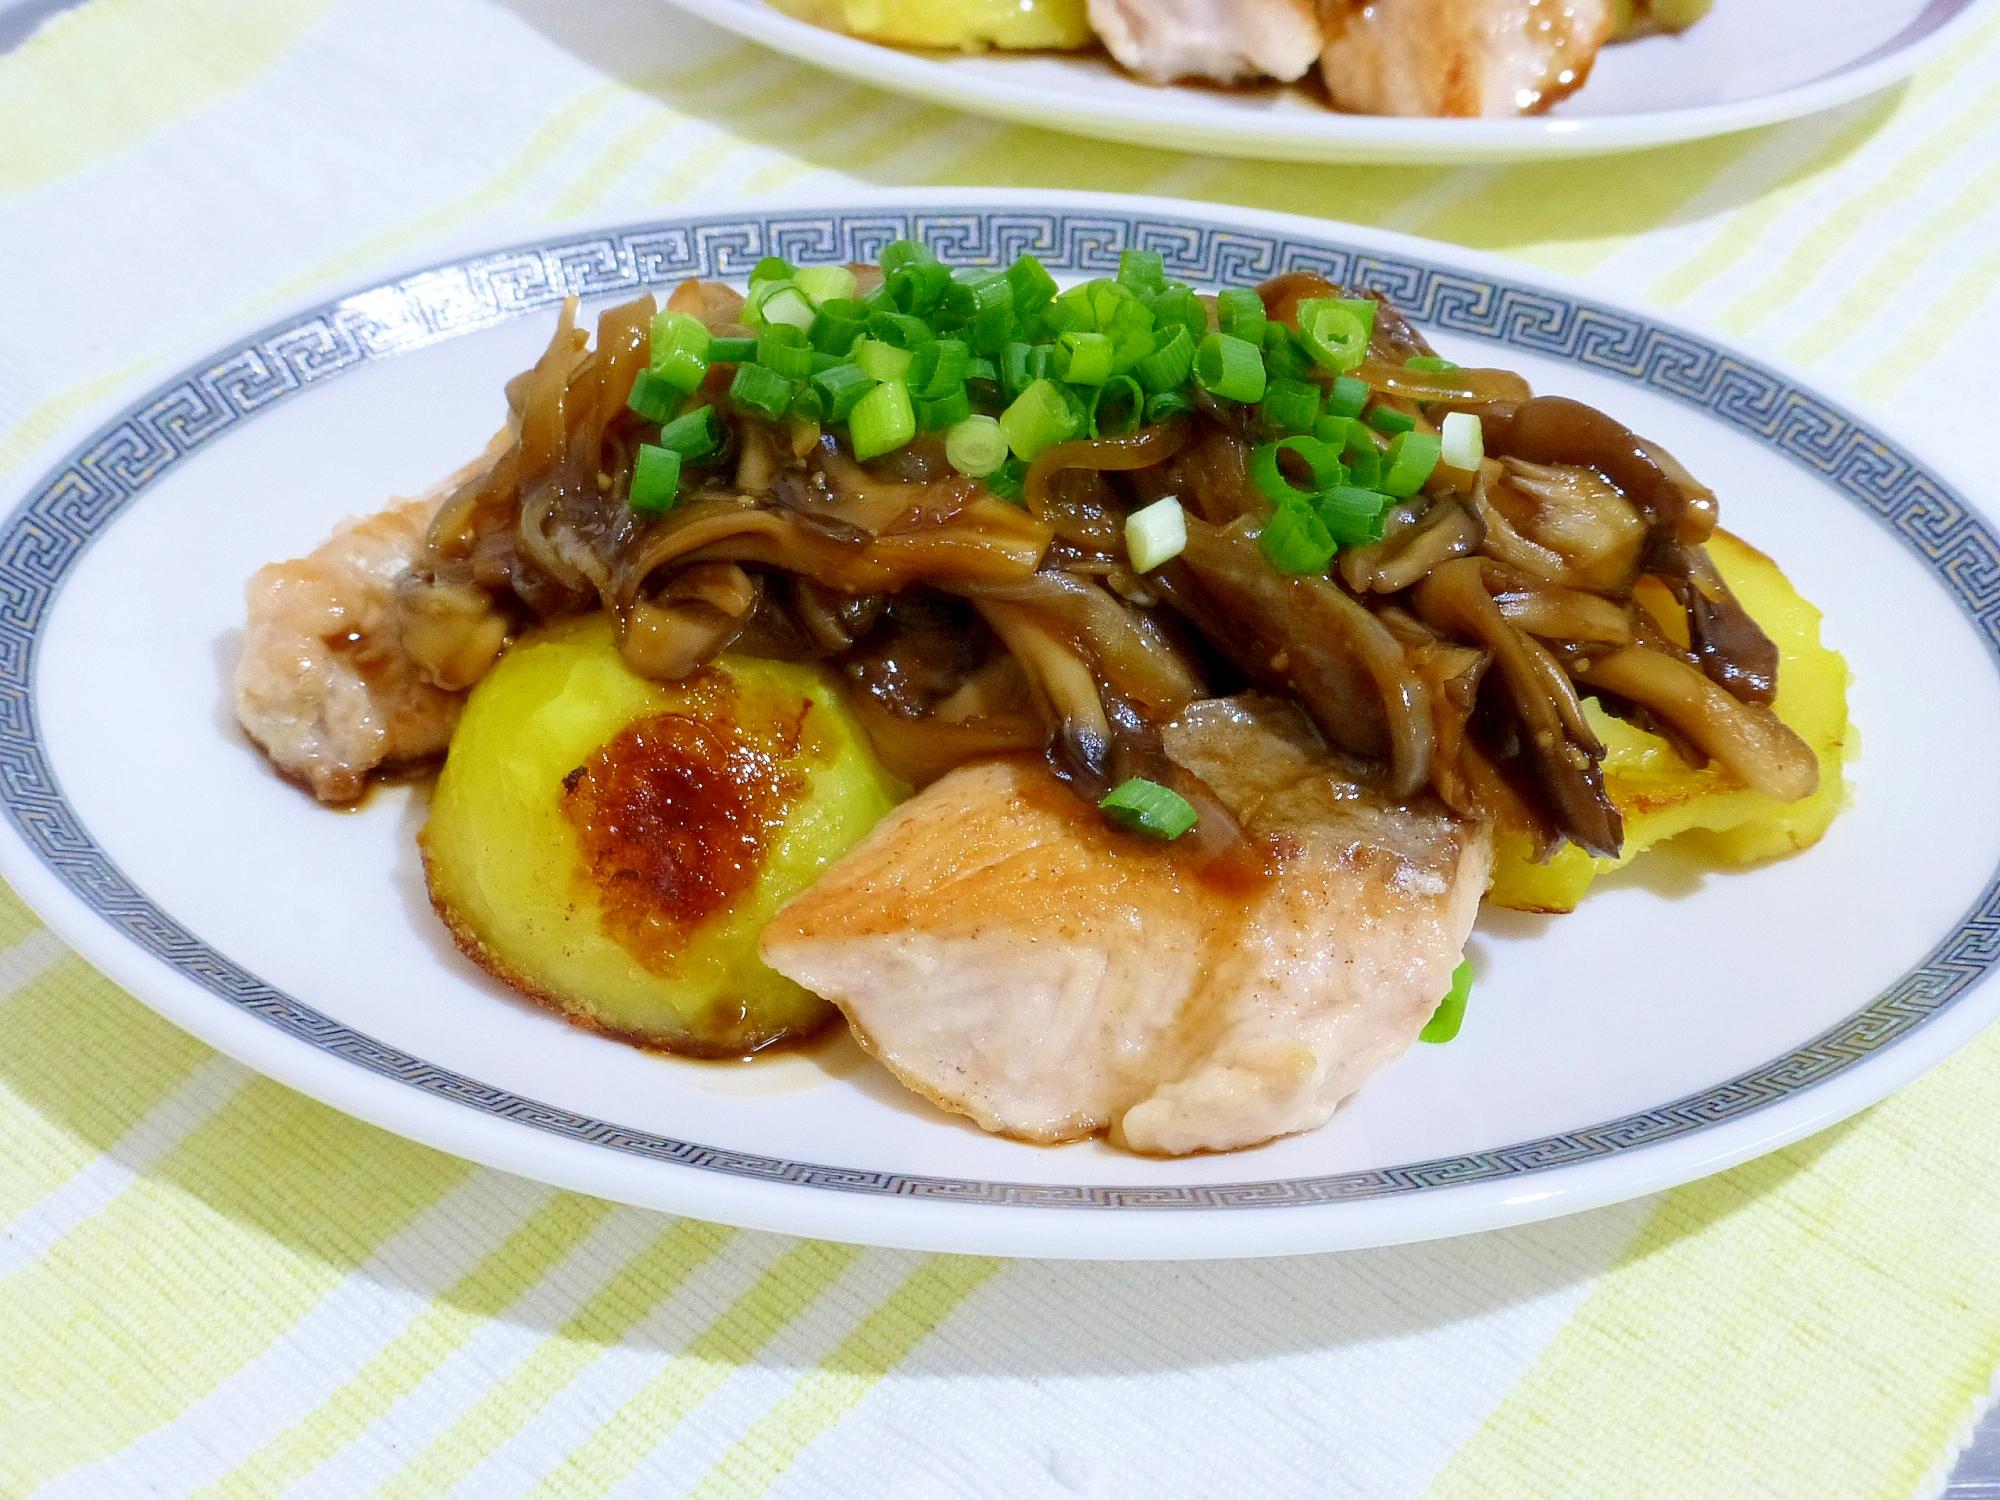 鮭とじゃが芋のソテー舞茸ソース